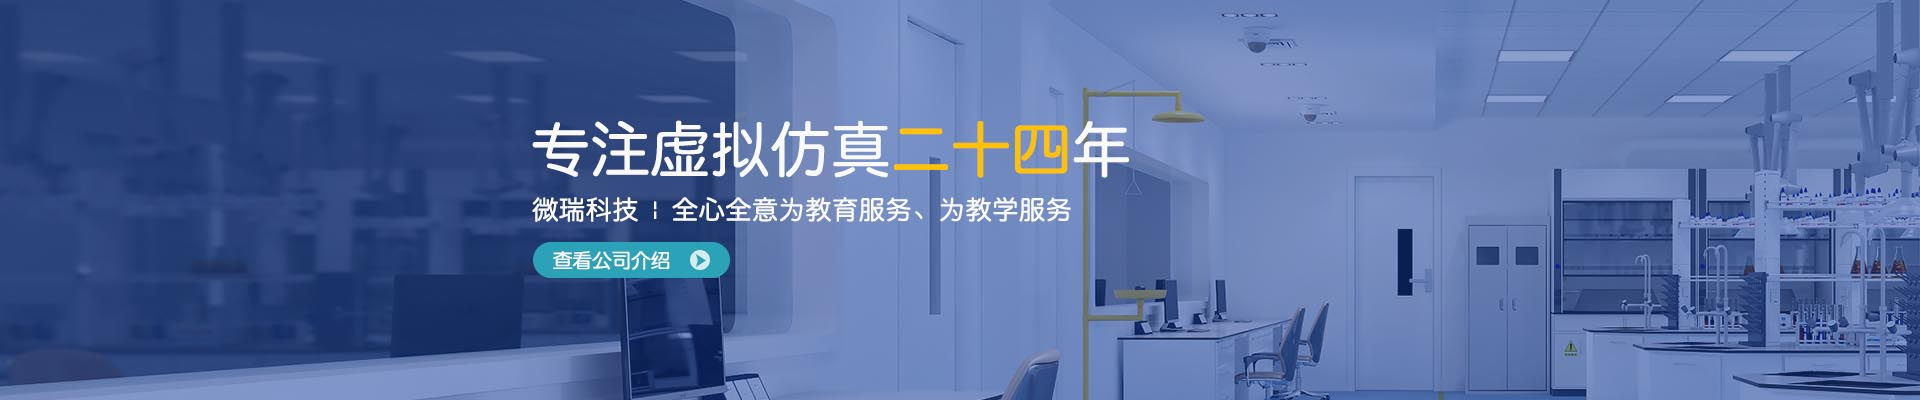 北京微瑞集智科技有限公司|网站